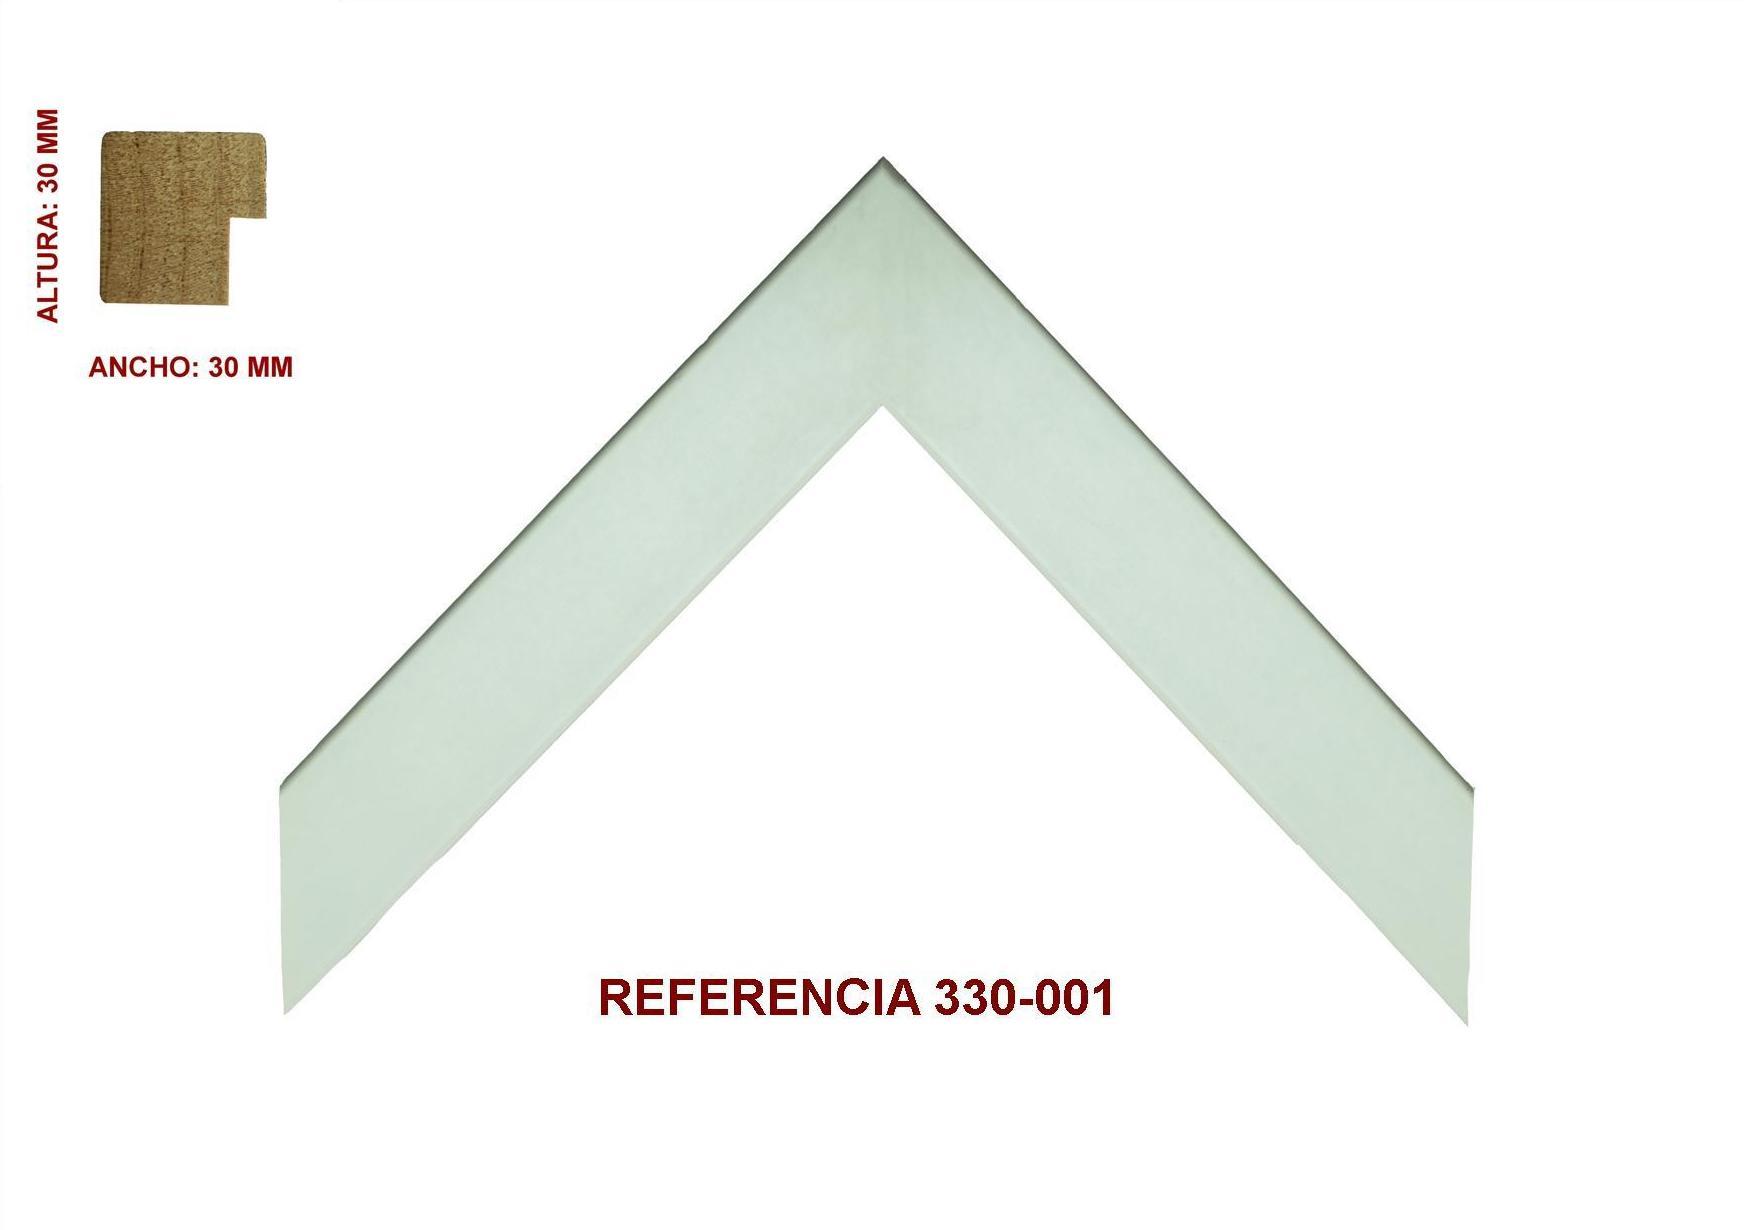 REF 330-001: Muestrario de Moldusevilla